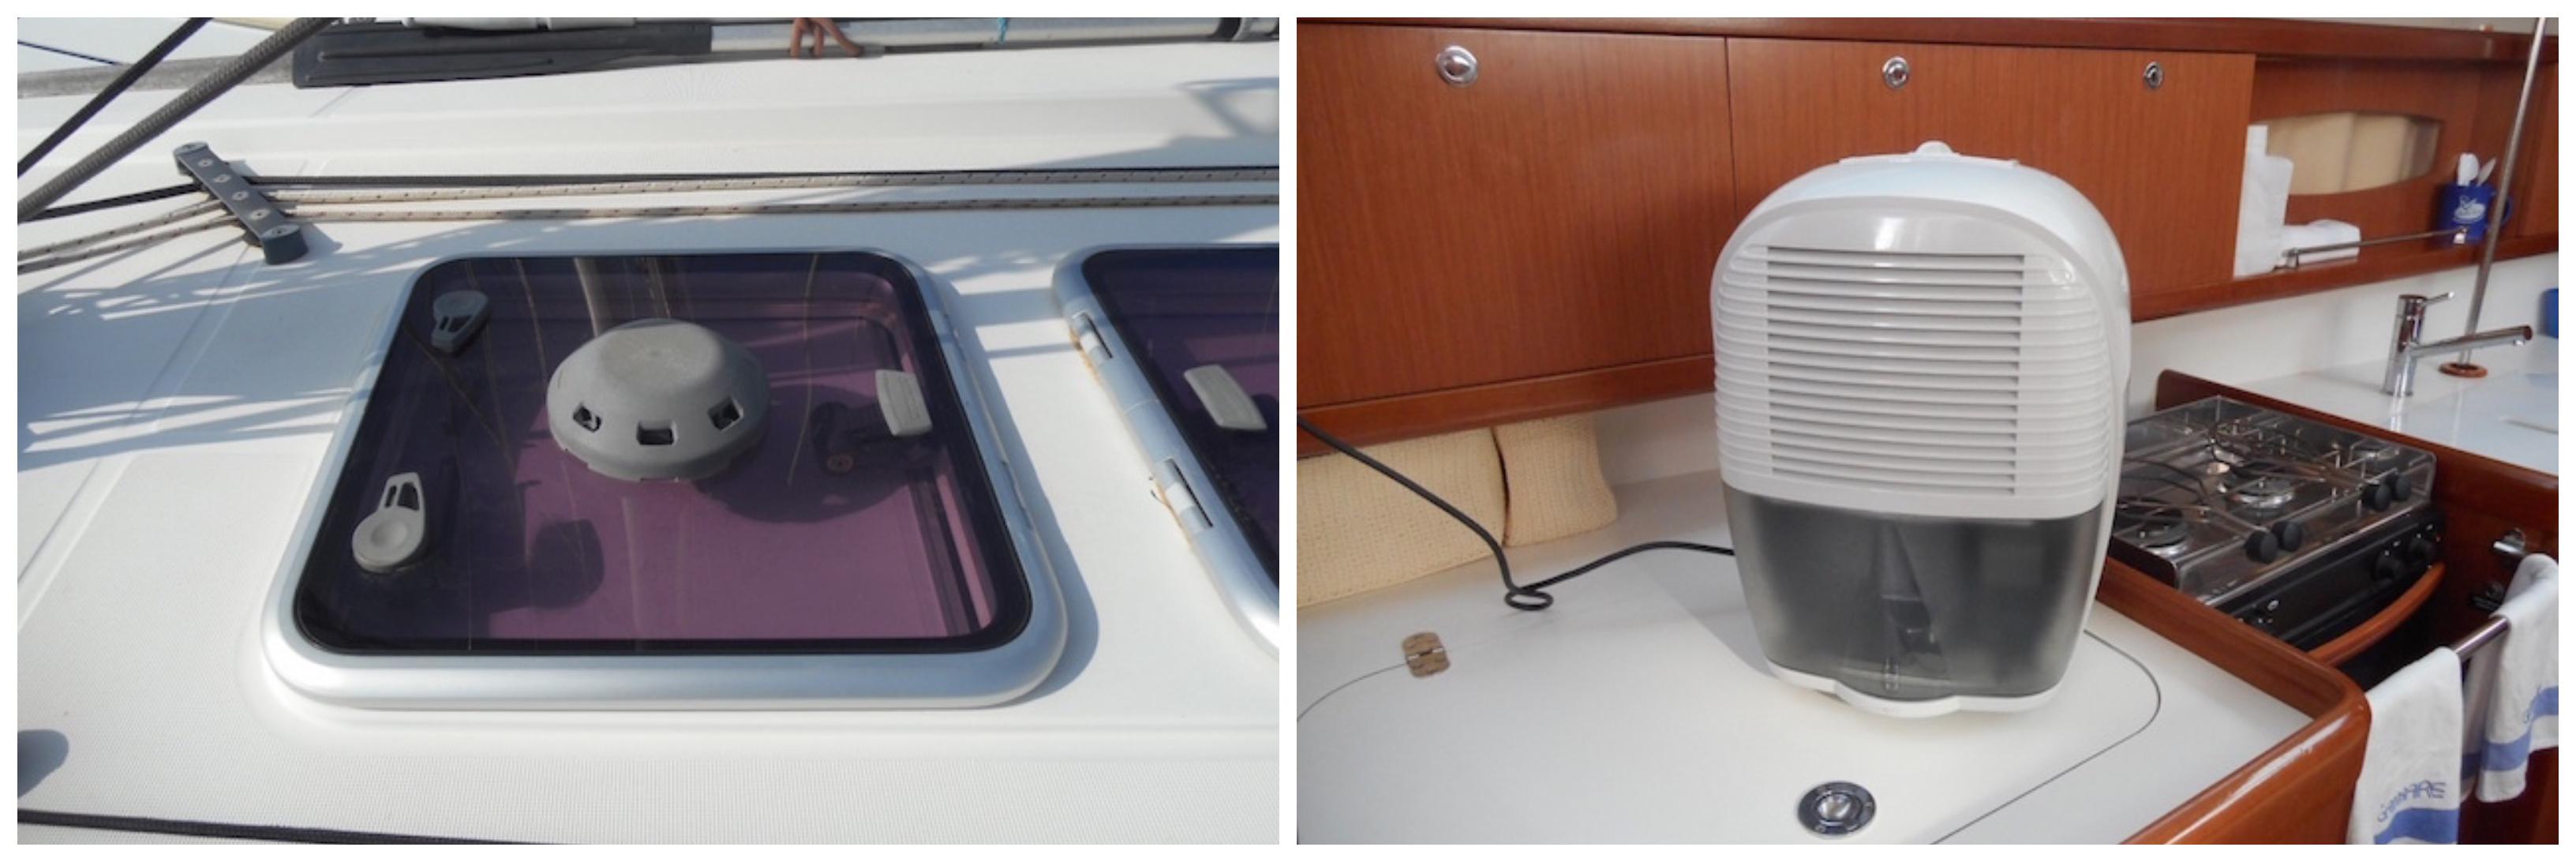 ventilacion barco